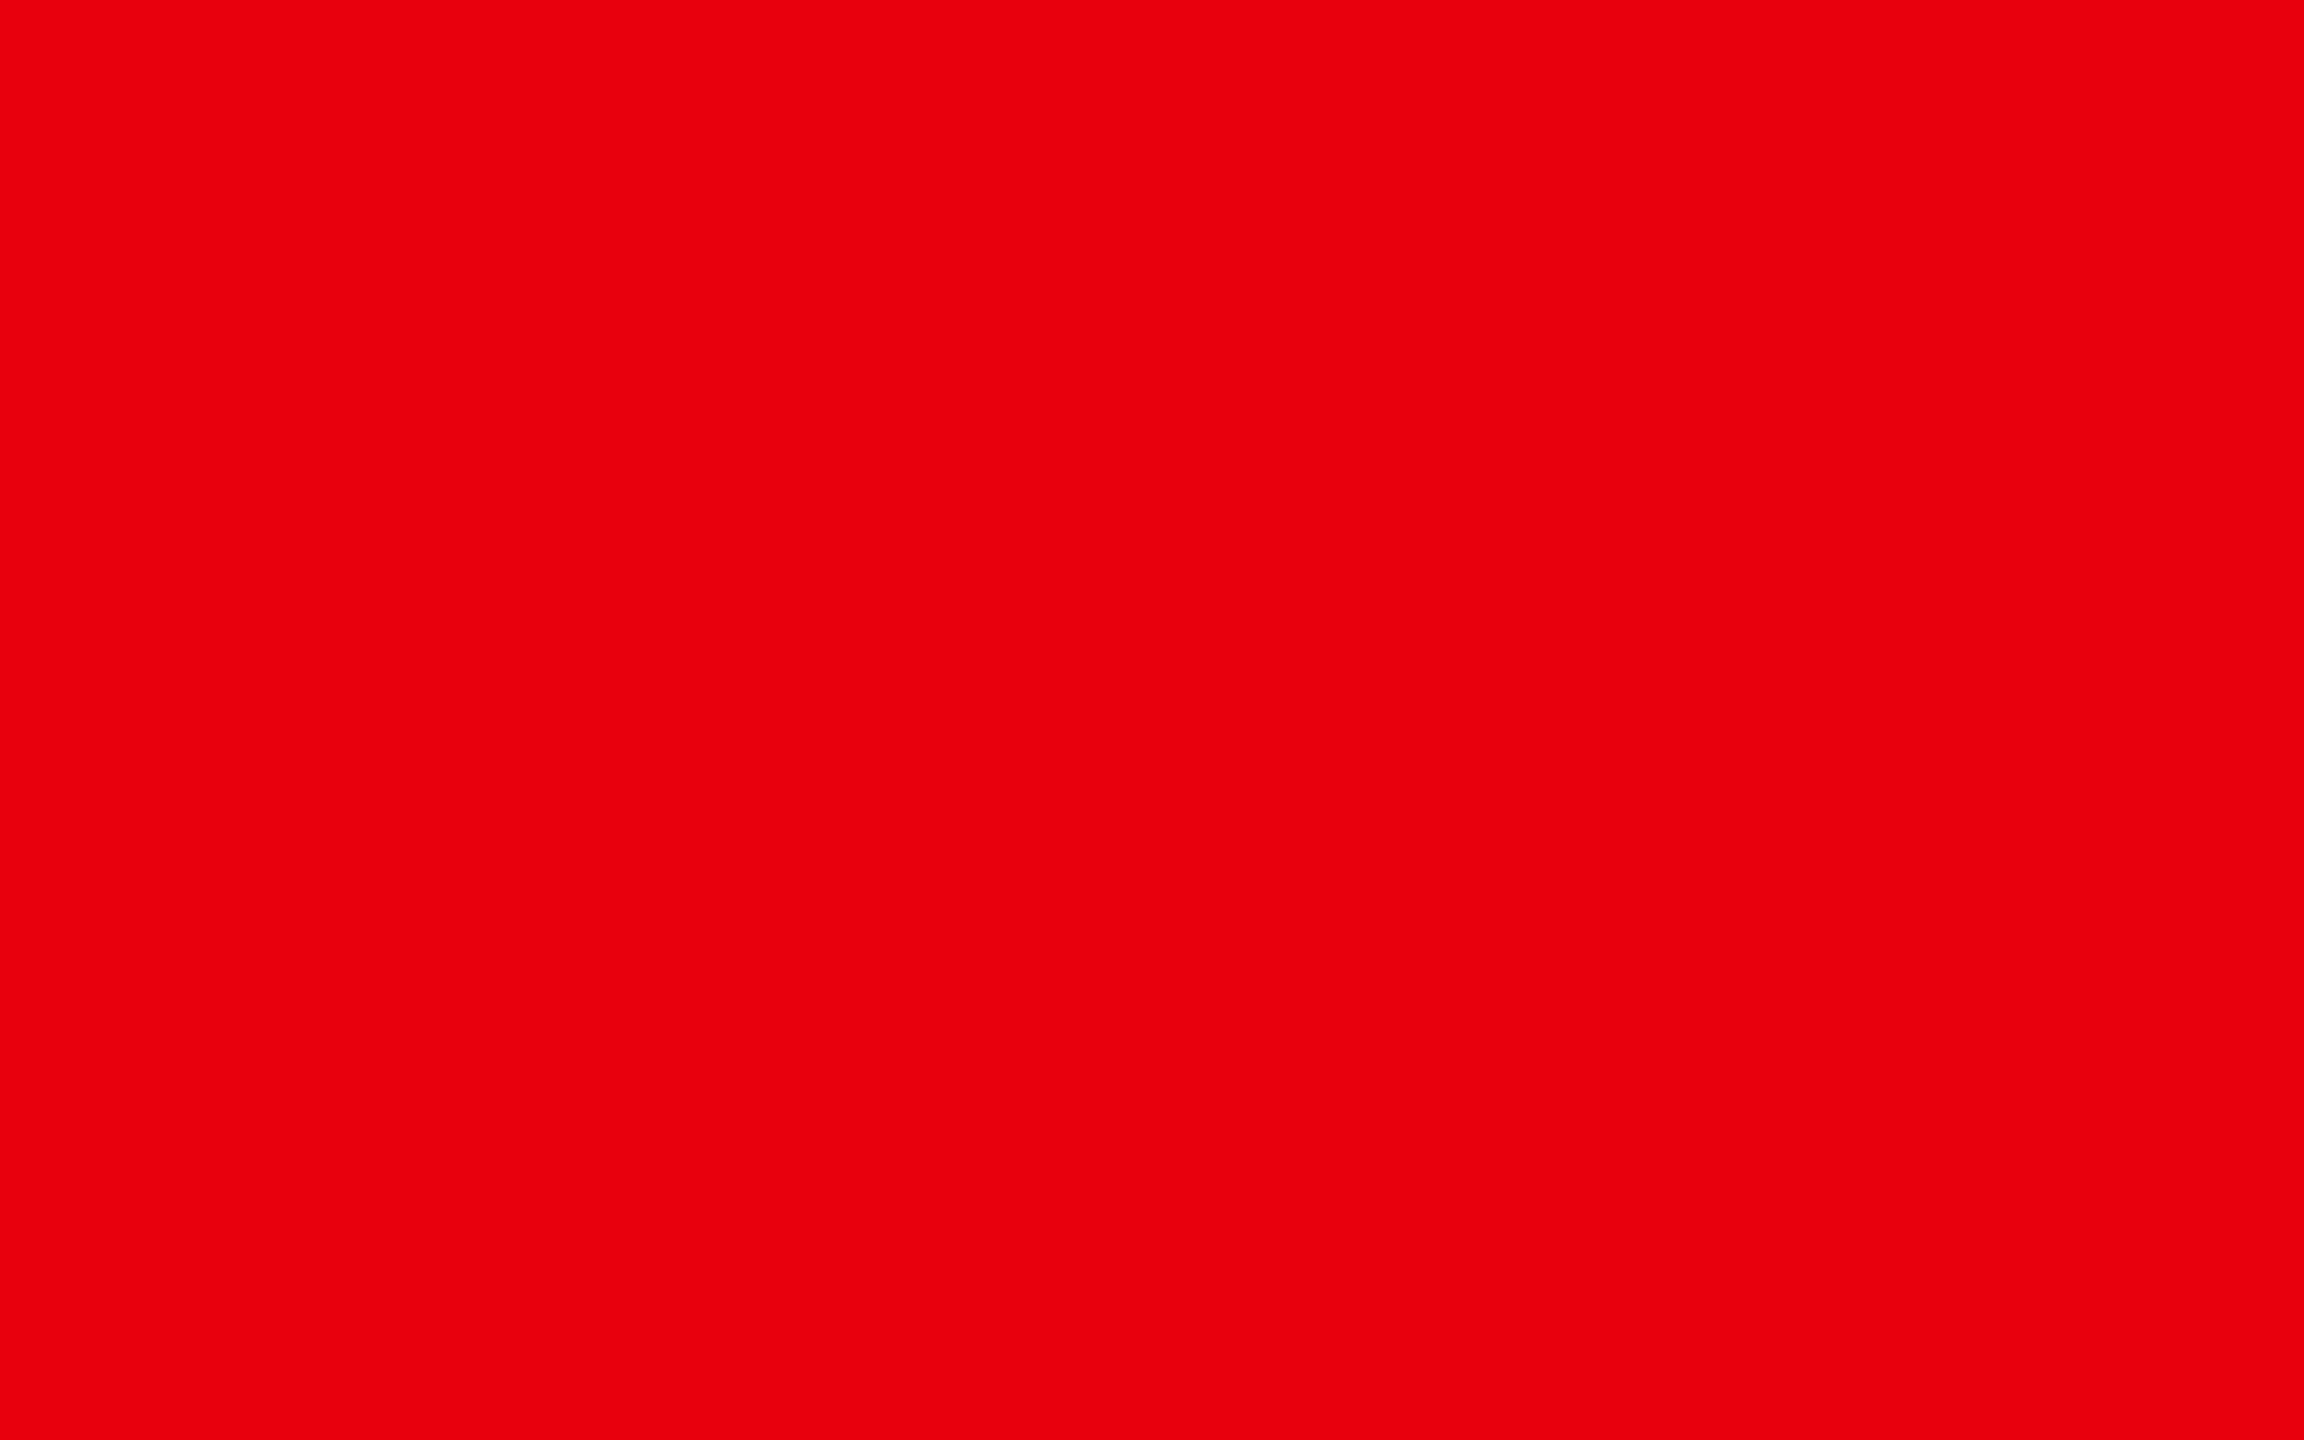 2304x1440 KU Crimson Solid Color Background